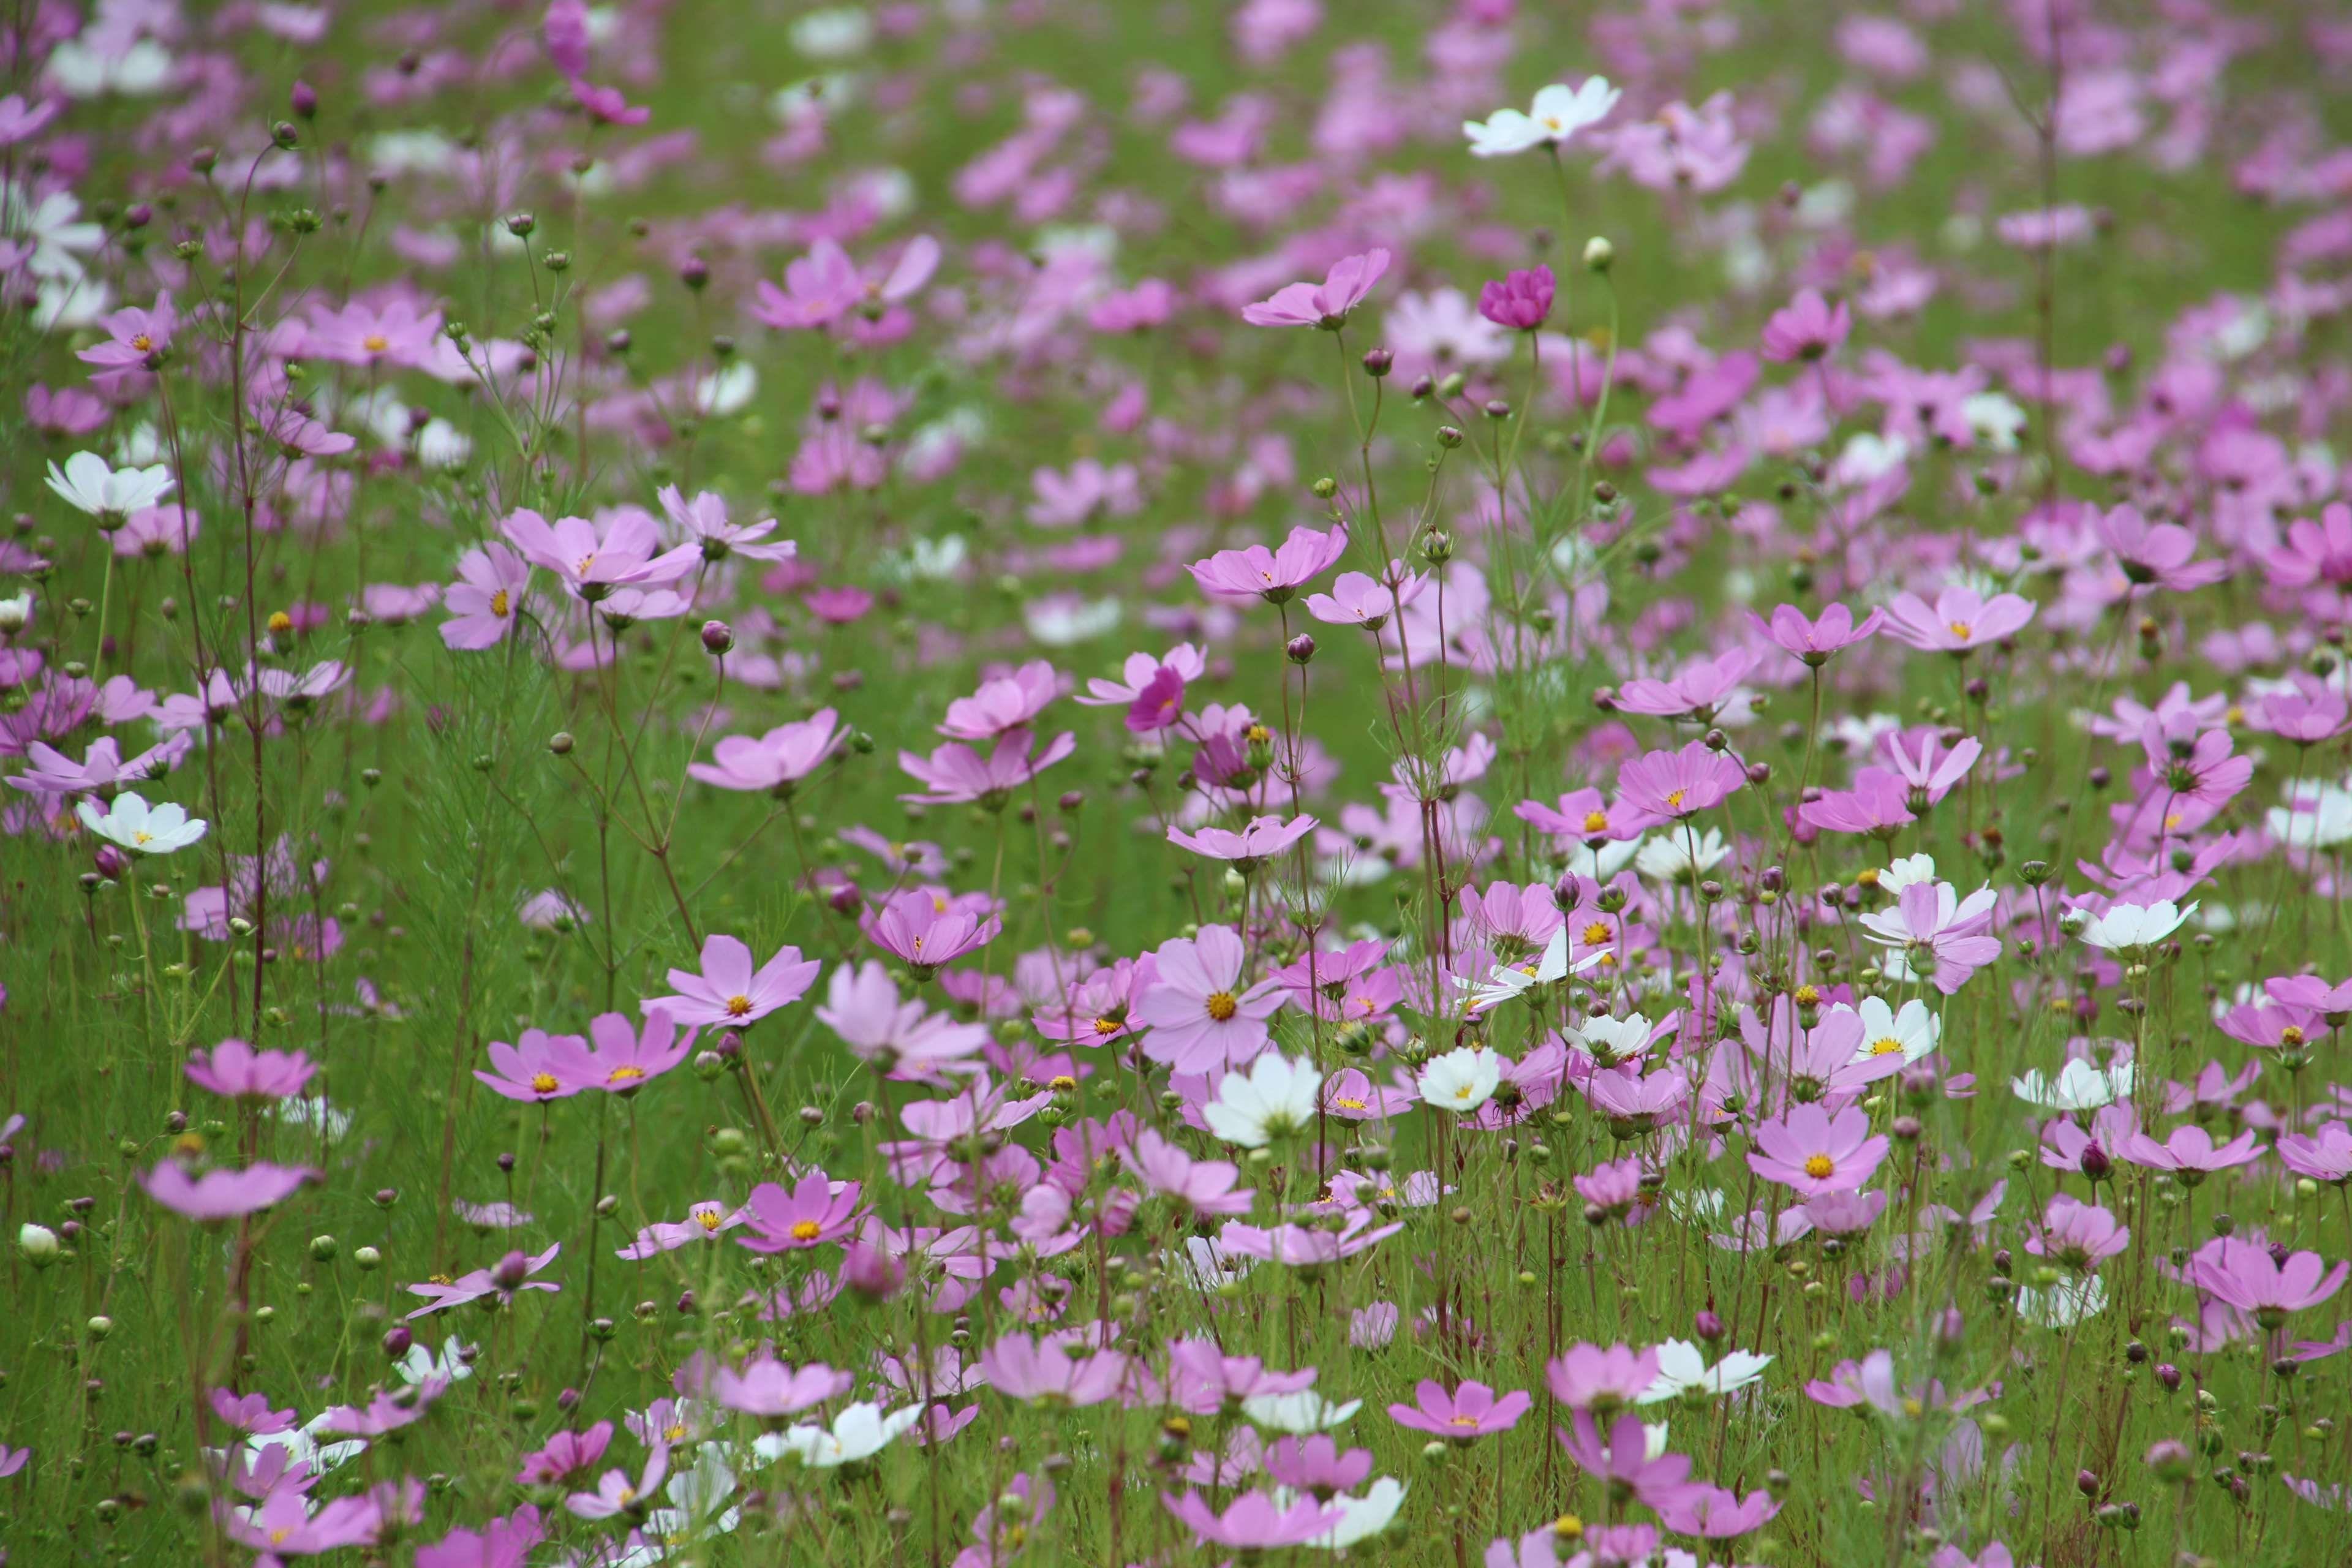 Background Field Field Of Flowers Flower Field Grass Green